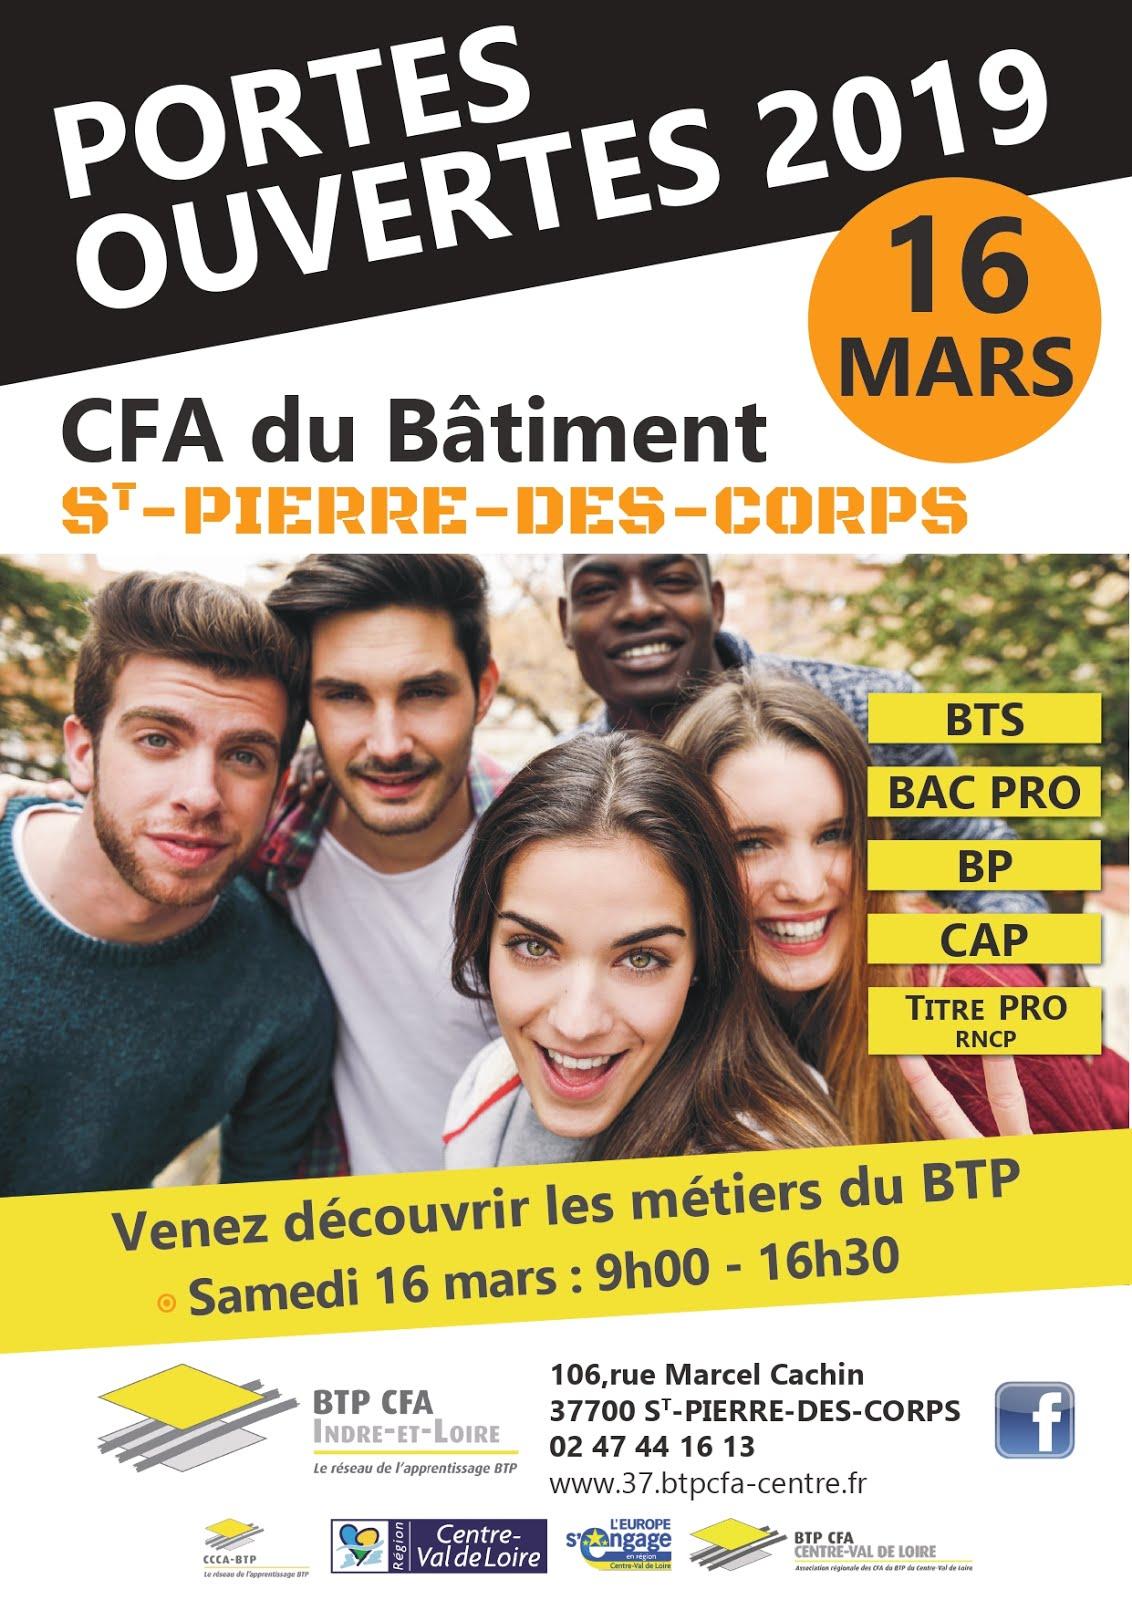 PORTES OUVERTES 2019 CFA DU BÂTIMENT